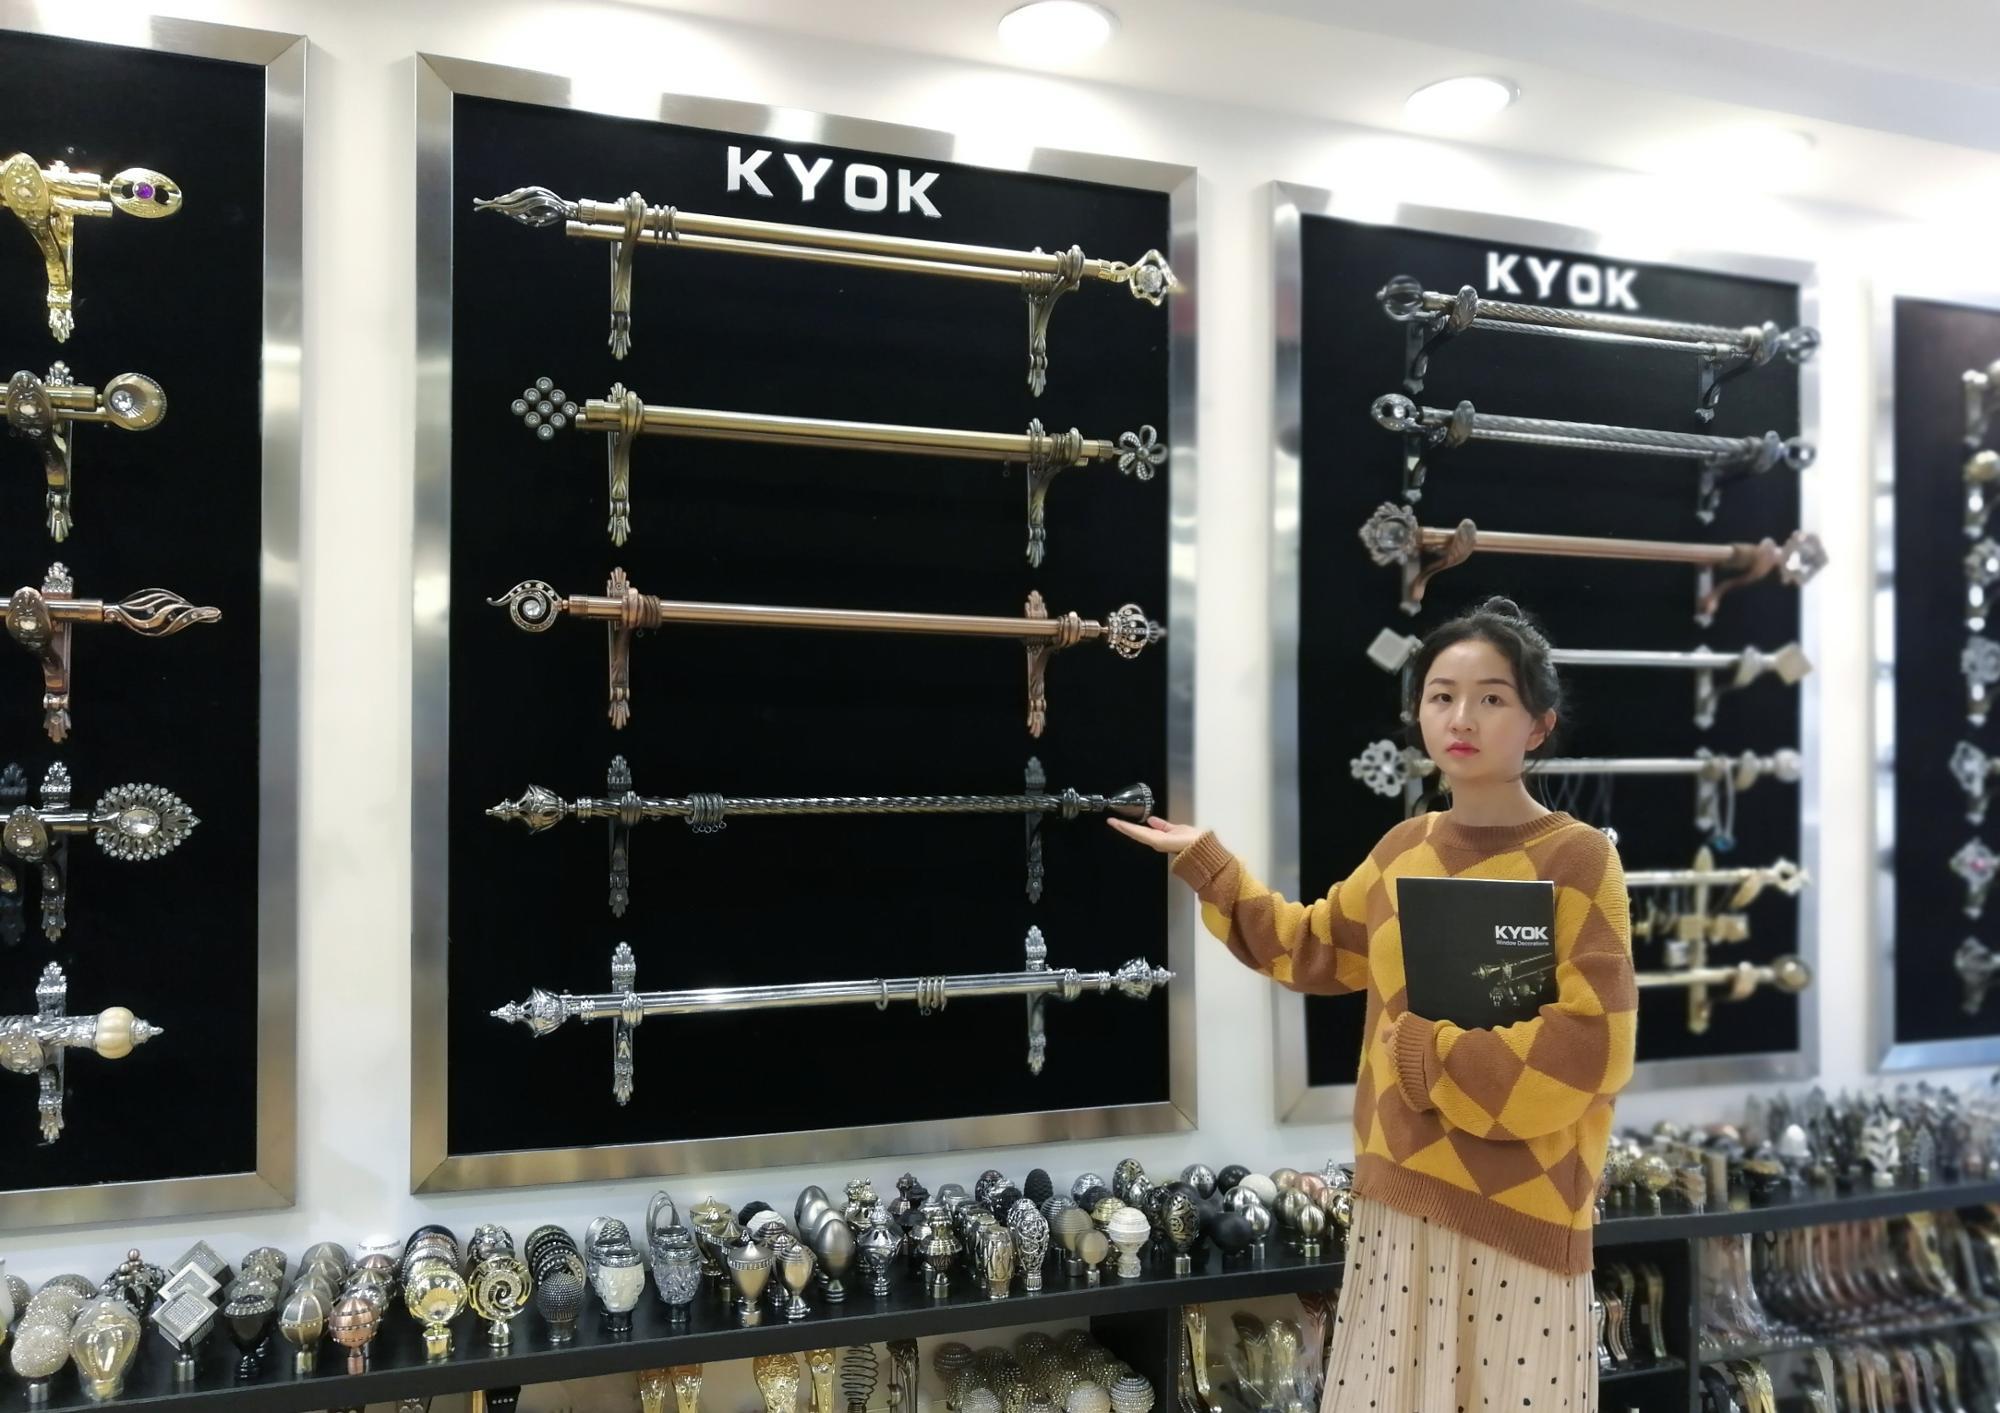 Kyok 2019 nieuwe indoor home venster dag nacht zebra rolgordijnen/gemotoriseerde rolgordijnen